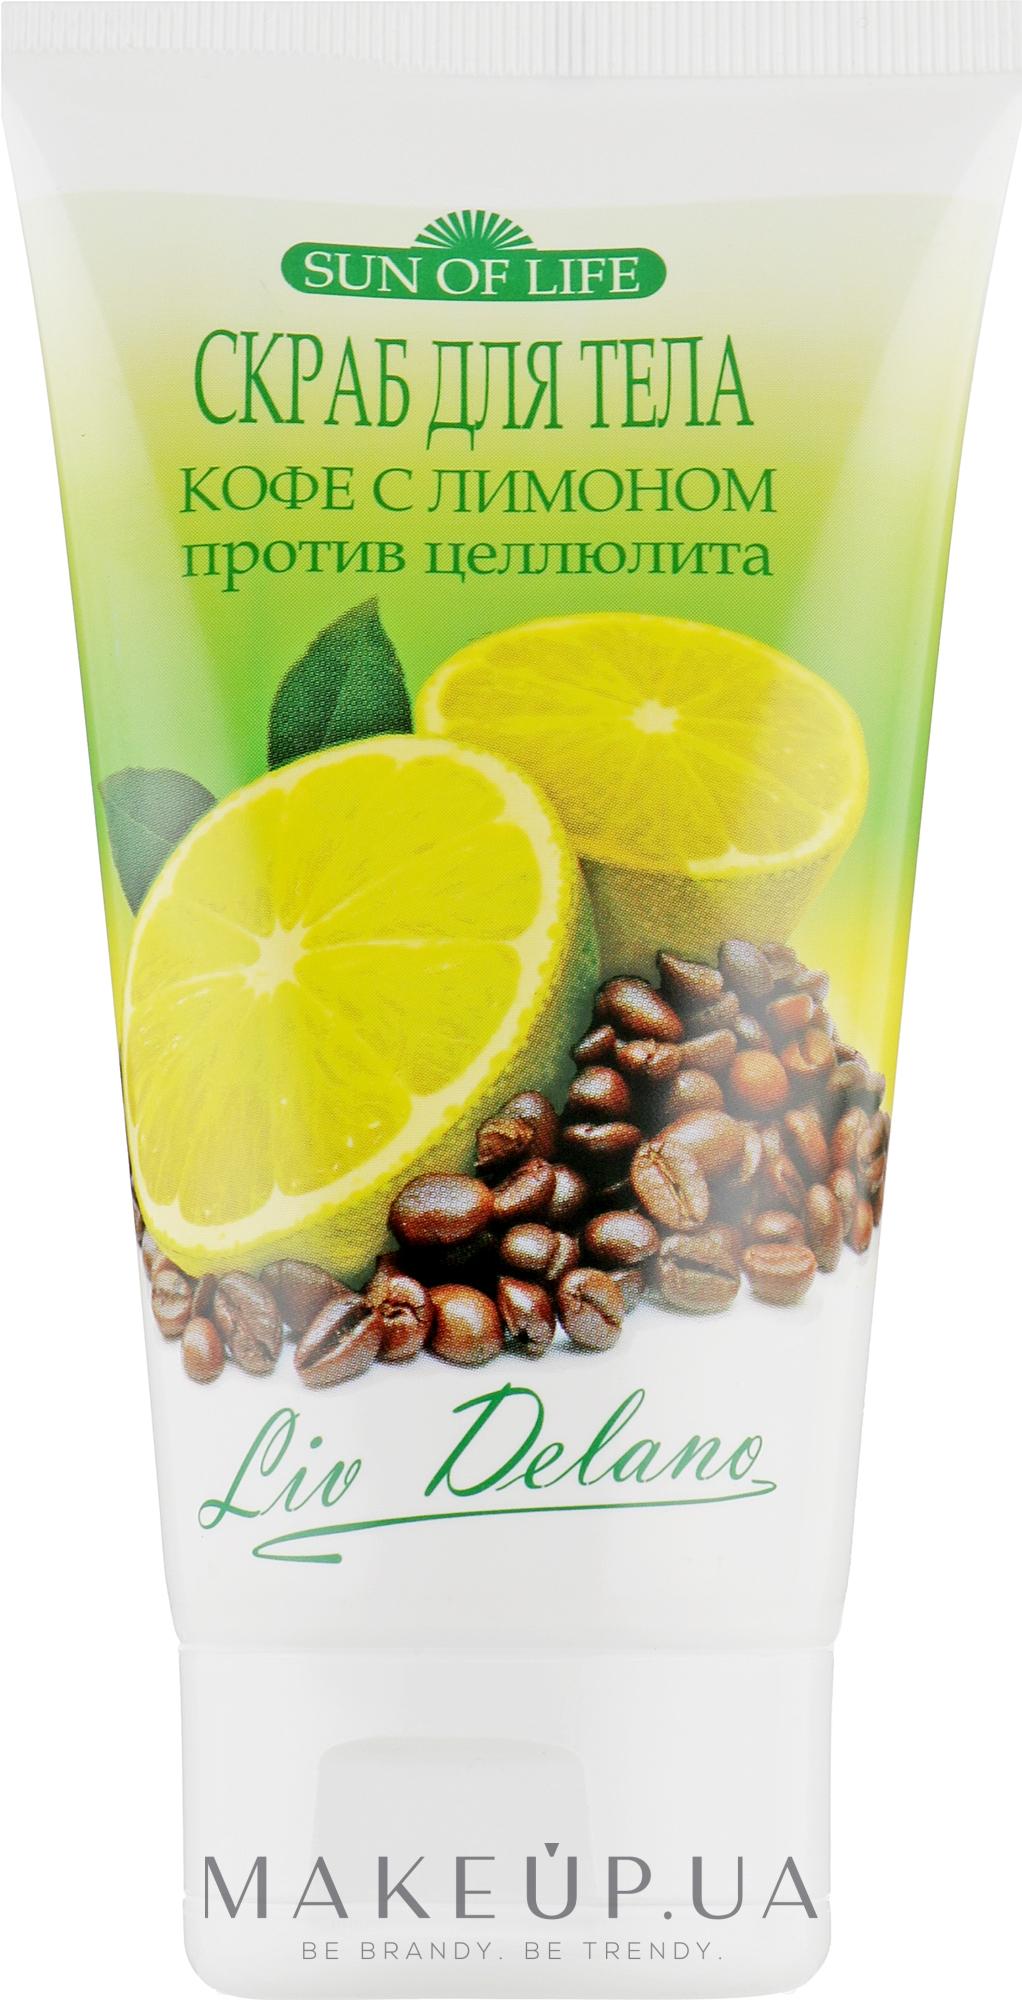 """Скраб для тела """"Кофе с лимоном"""" - Liv Delano Sun of life — фото 150ml"""